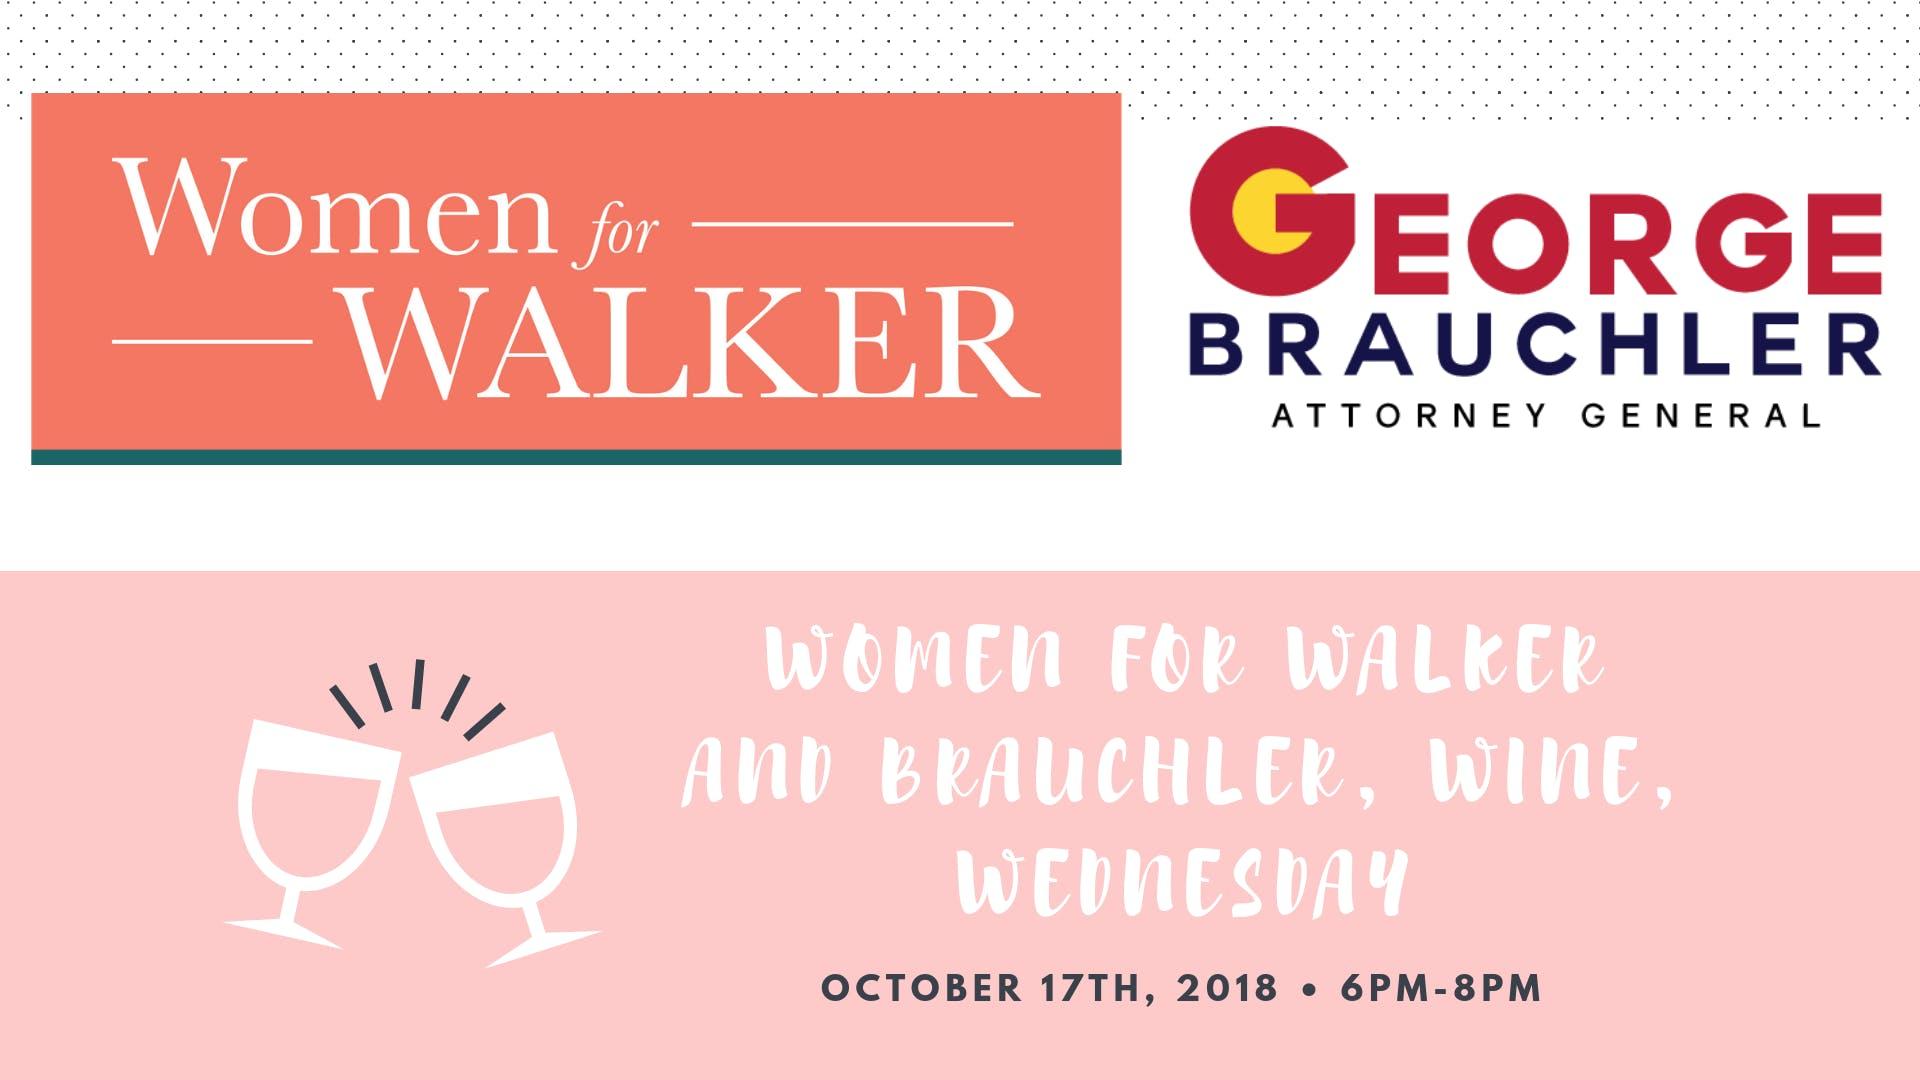 Women for Walker and Brauchler, Wine, Wednesd